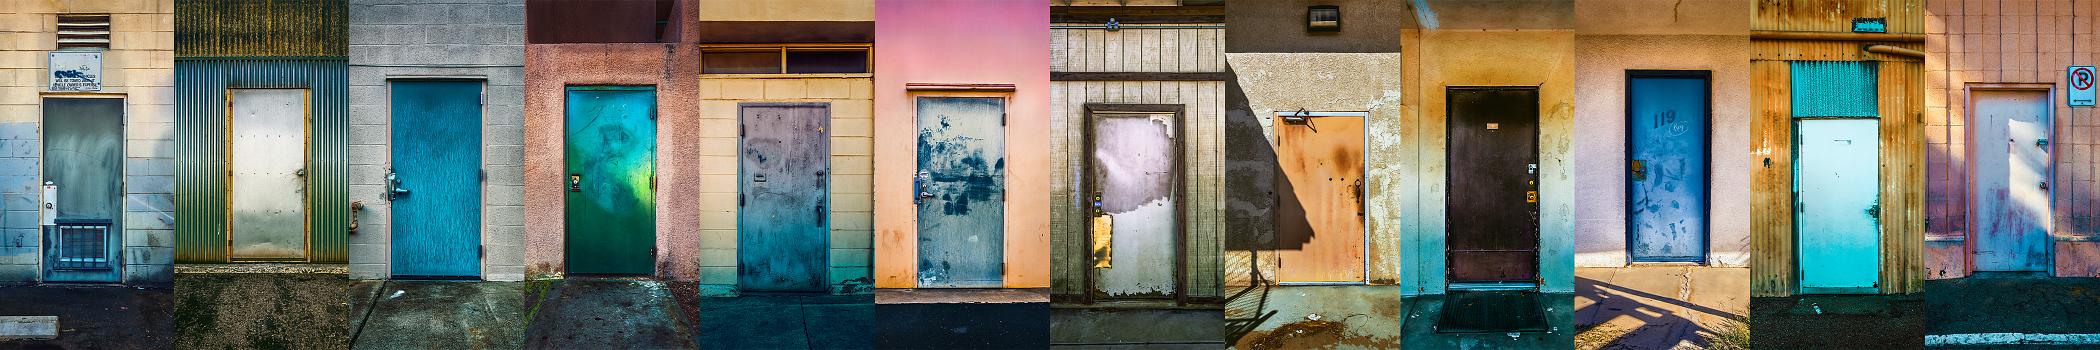 |Doors|: IV - |Doors|: IV